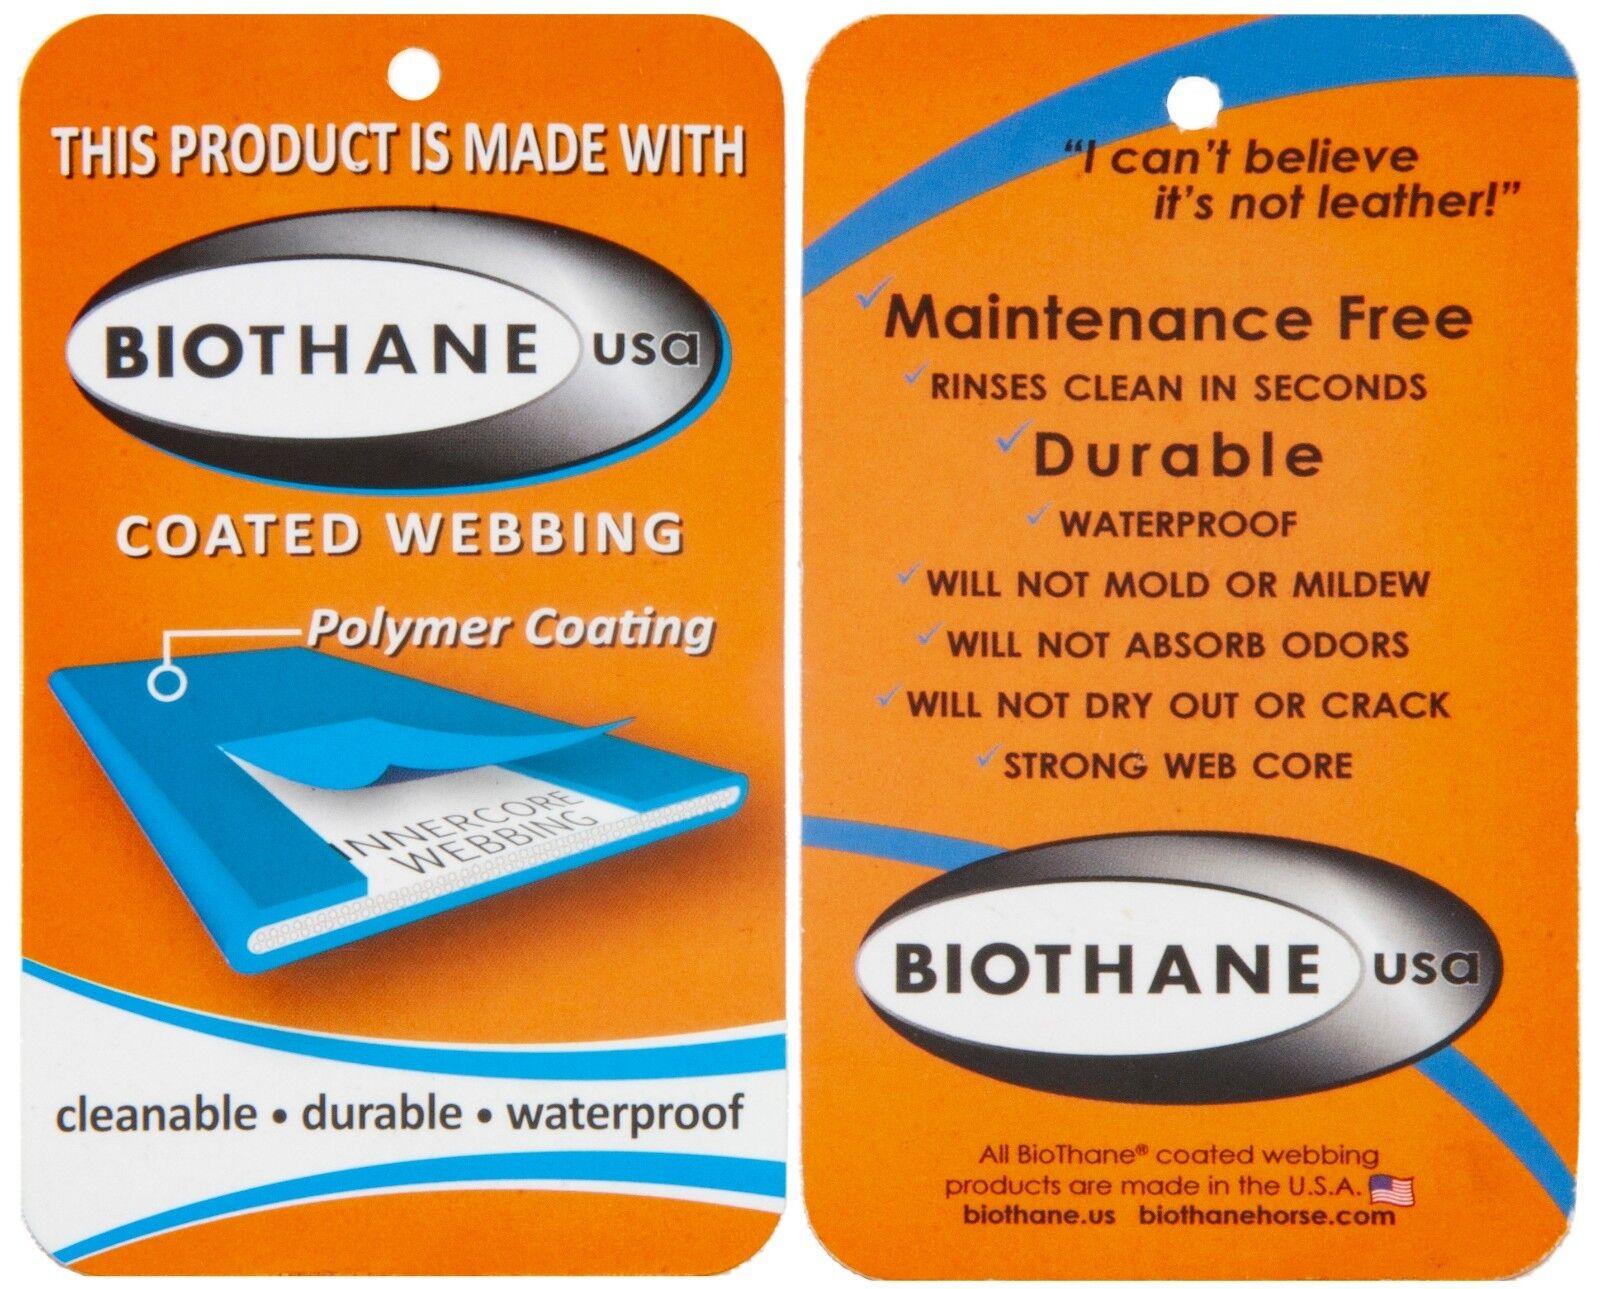 BioThane ® Issa cuciti, tutti i i i cani dimensioni, Acciaio Inox Moschettone, fascetta da polso 141166